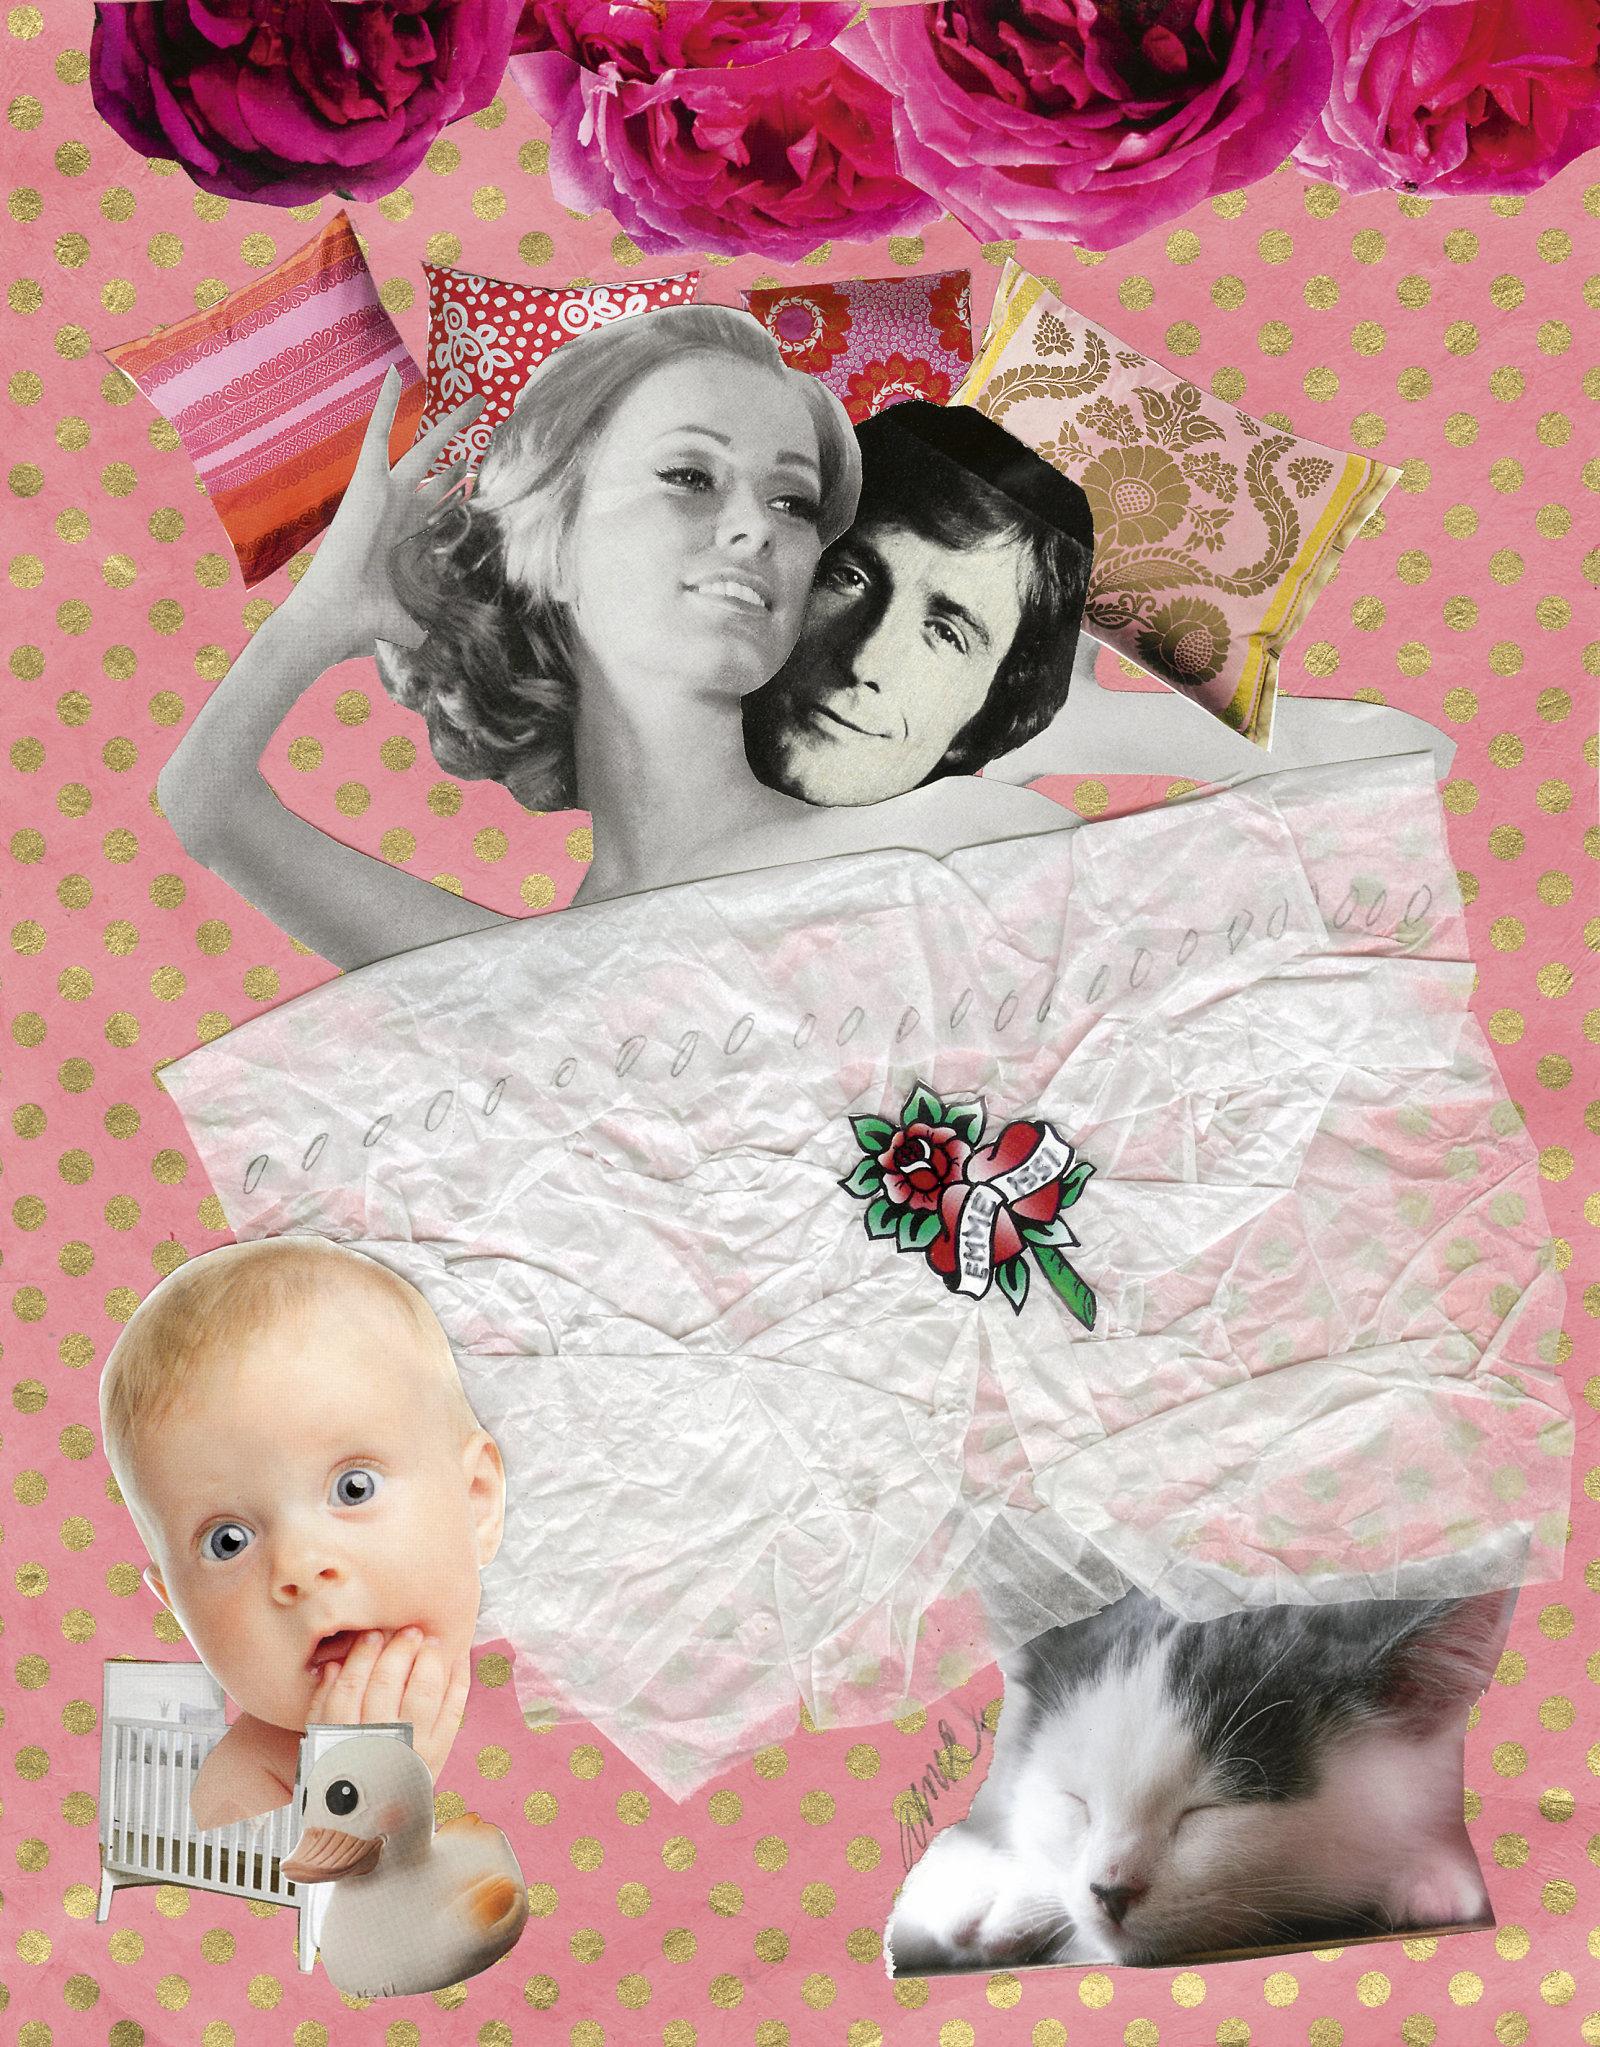 7dfa16a8b78 Seetõttu ongi soovitav 6–8 nädalat pärast sünnitust minna naistearsti või  ämmaemanda juurde kontrolli. Seal tuleks muu hulgas rääkida ka seksuaalelu  ...